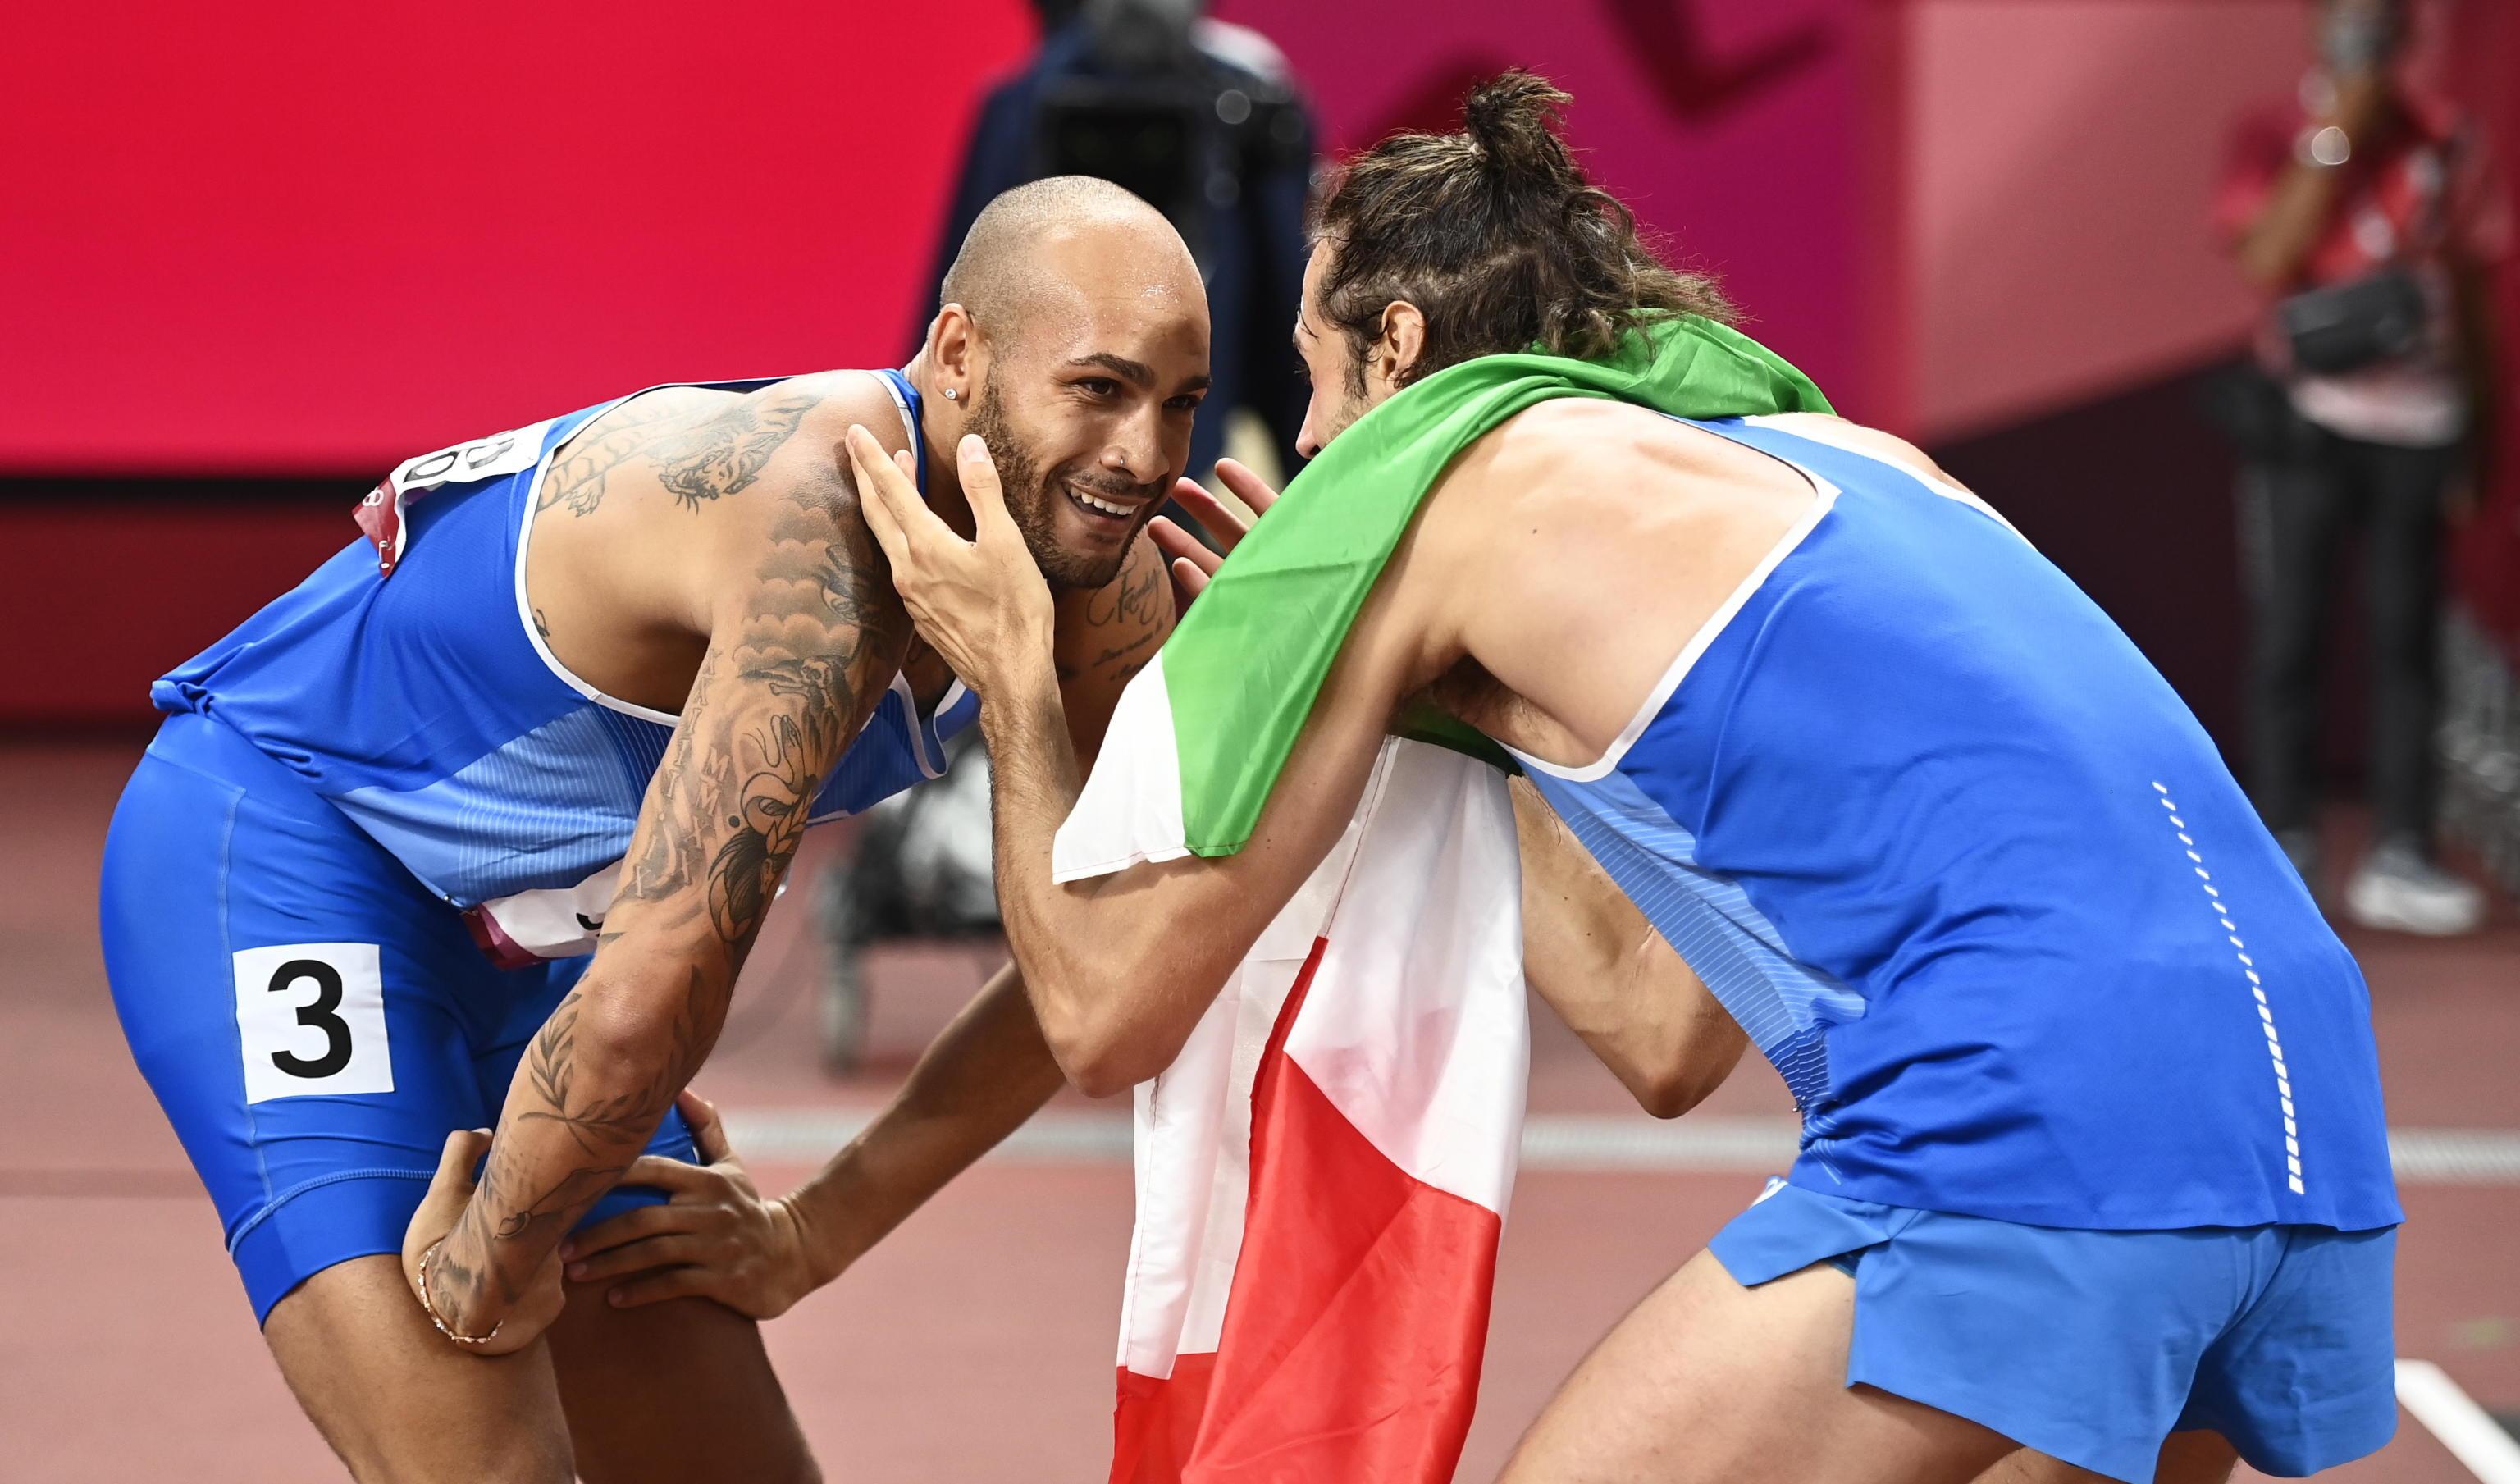 Atleta dell'anno, Jacobs e Tamberi fuori dalla lista dei candidati. La Federazione italiana: «Decisione che stupisce»